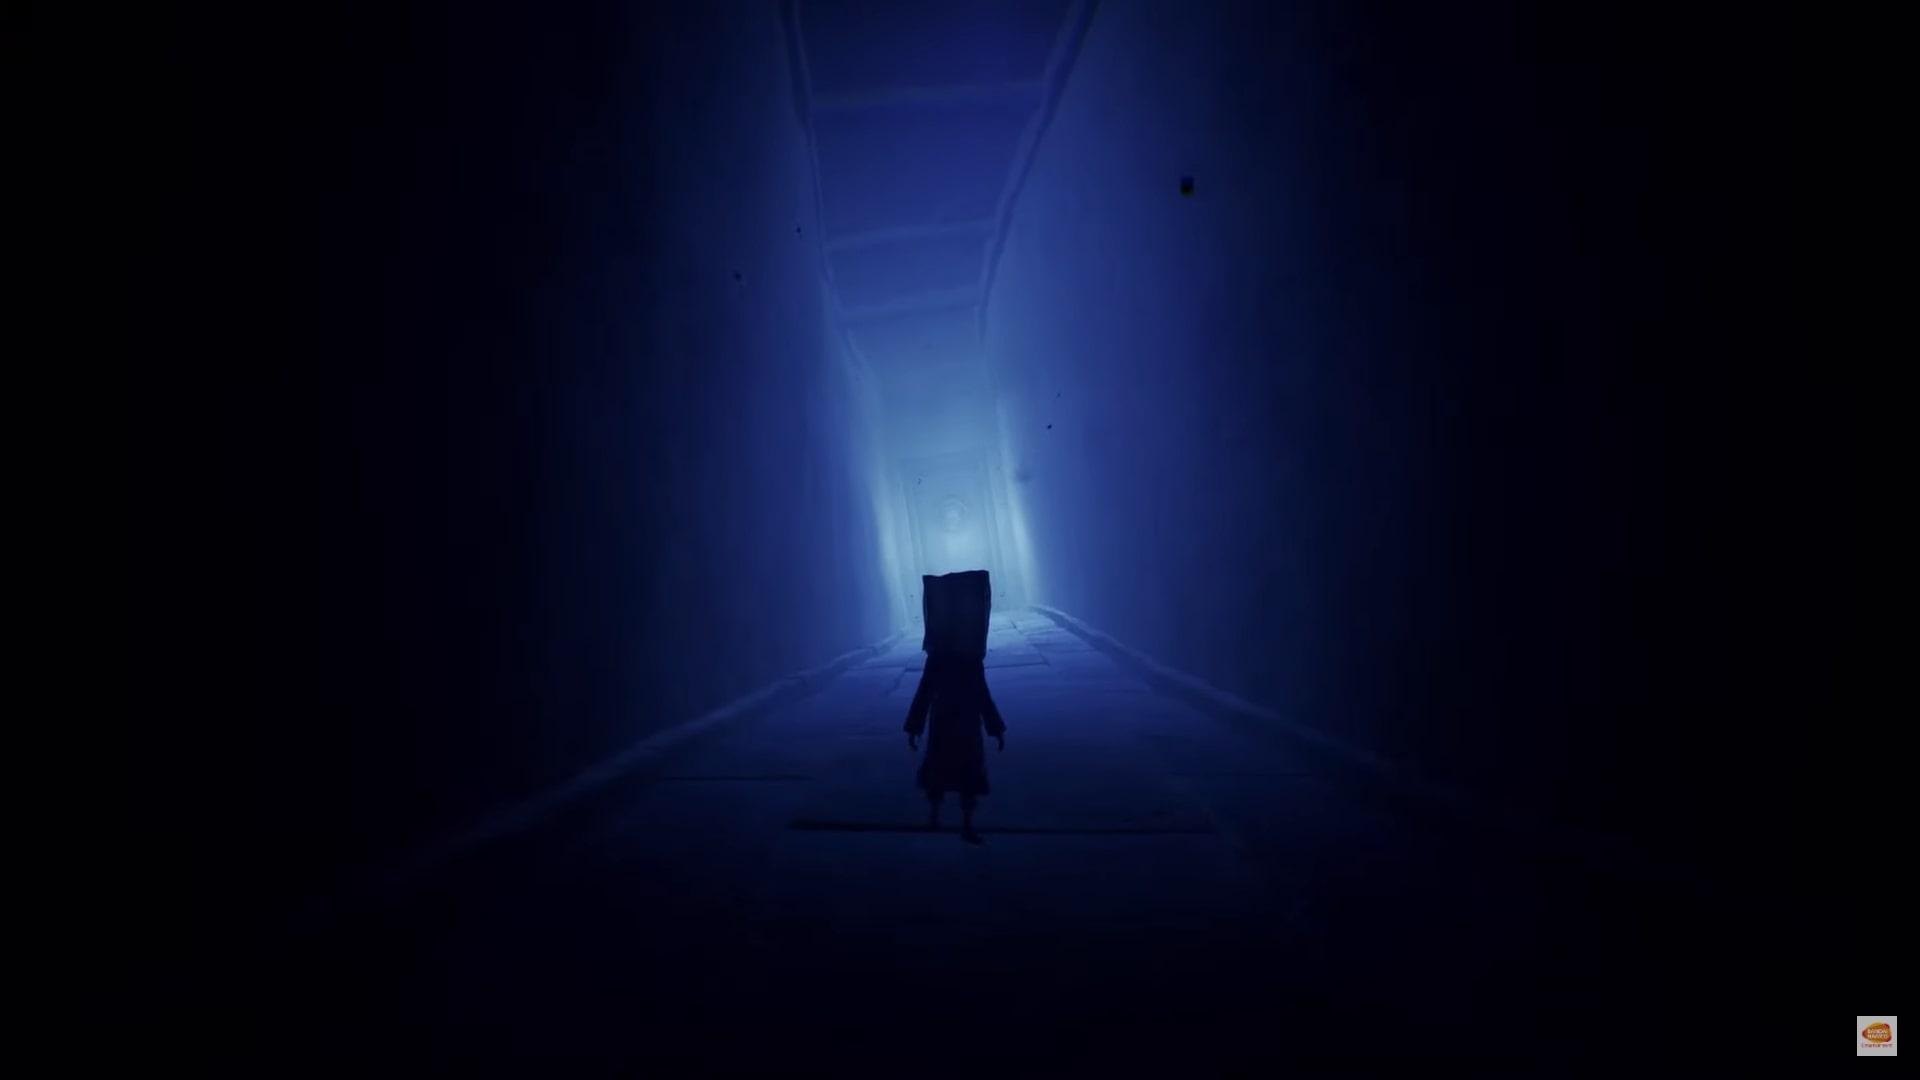 little-nightmares-5